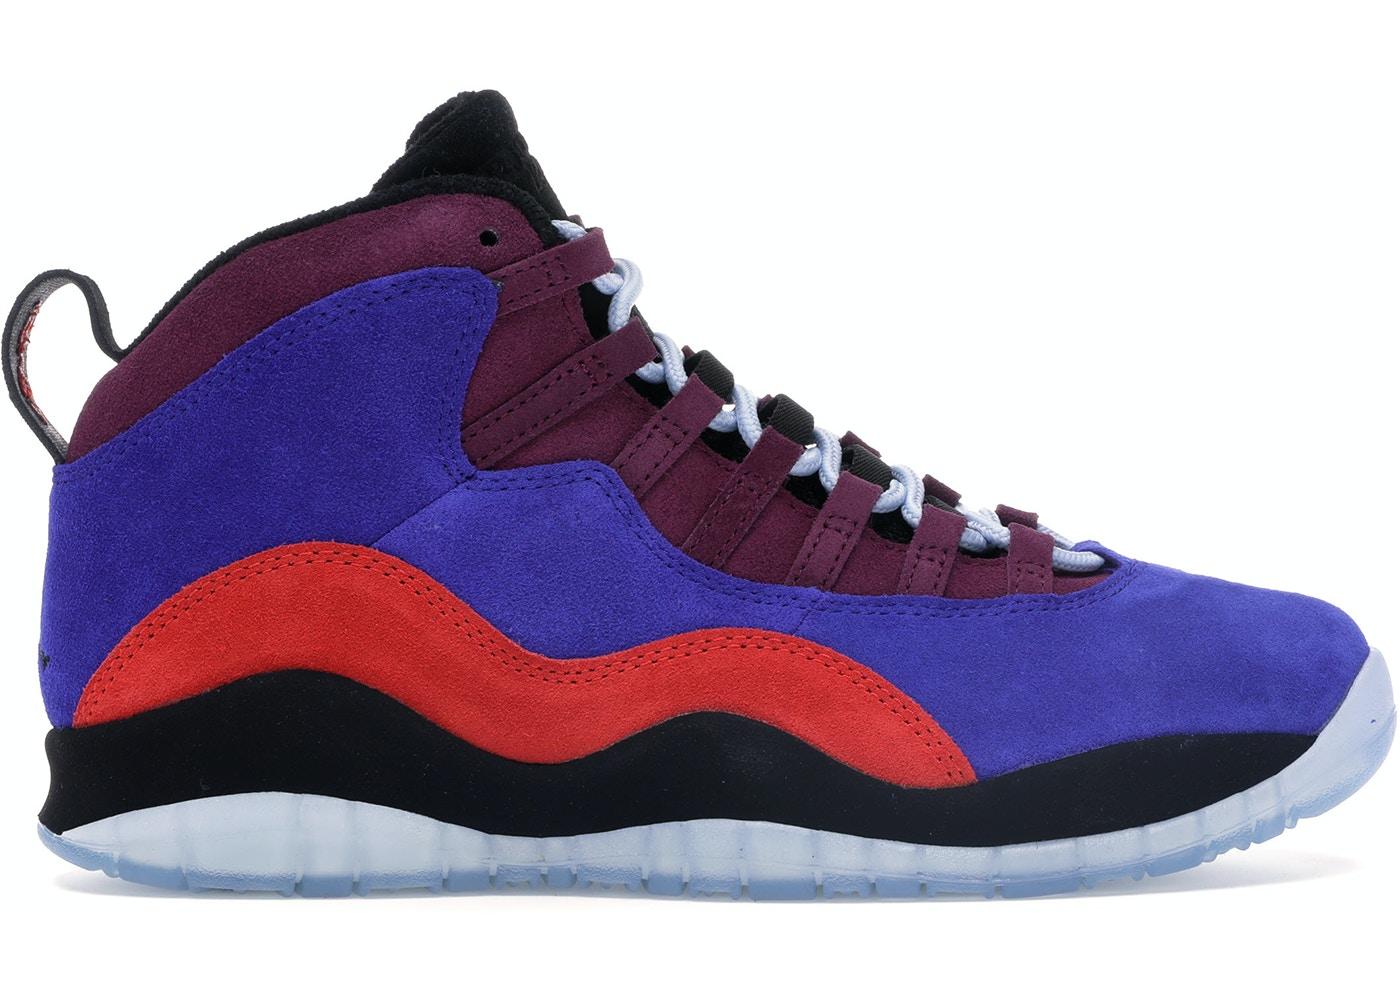 sale retailer 217c5 5a85b Jordan 10 Retro Maya Moore (W) - CD9705-406